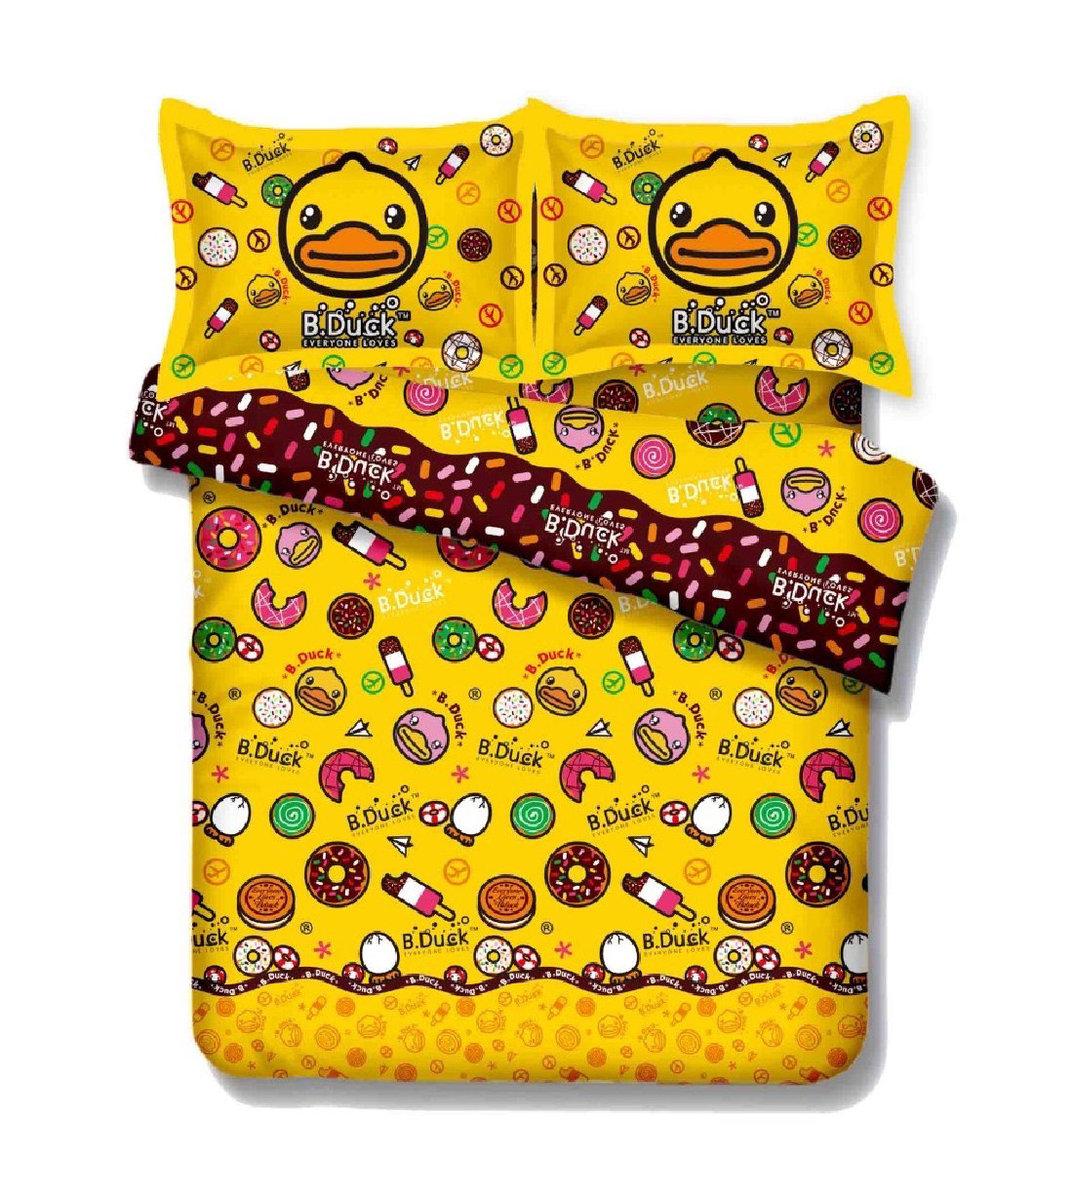 B.Duck Cartoon Cotton Series Fitted Sheet & Pillow Case Set -  Single (BD003FDS36)